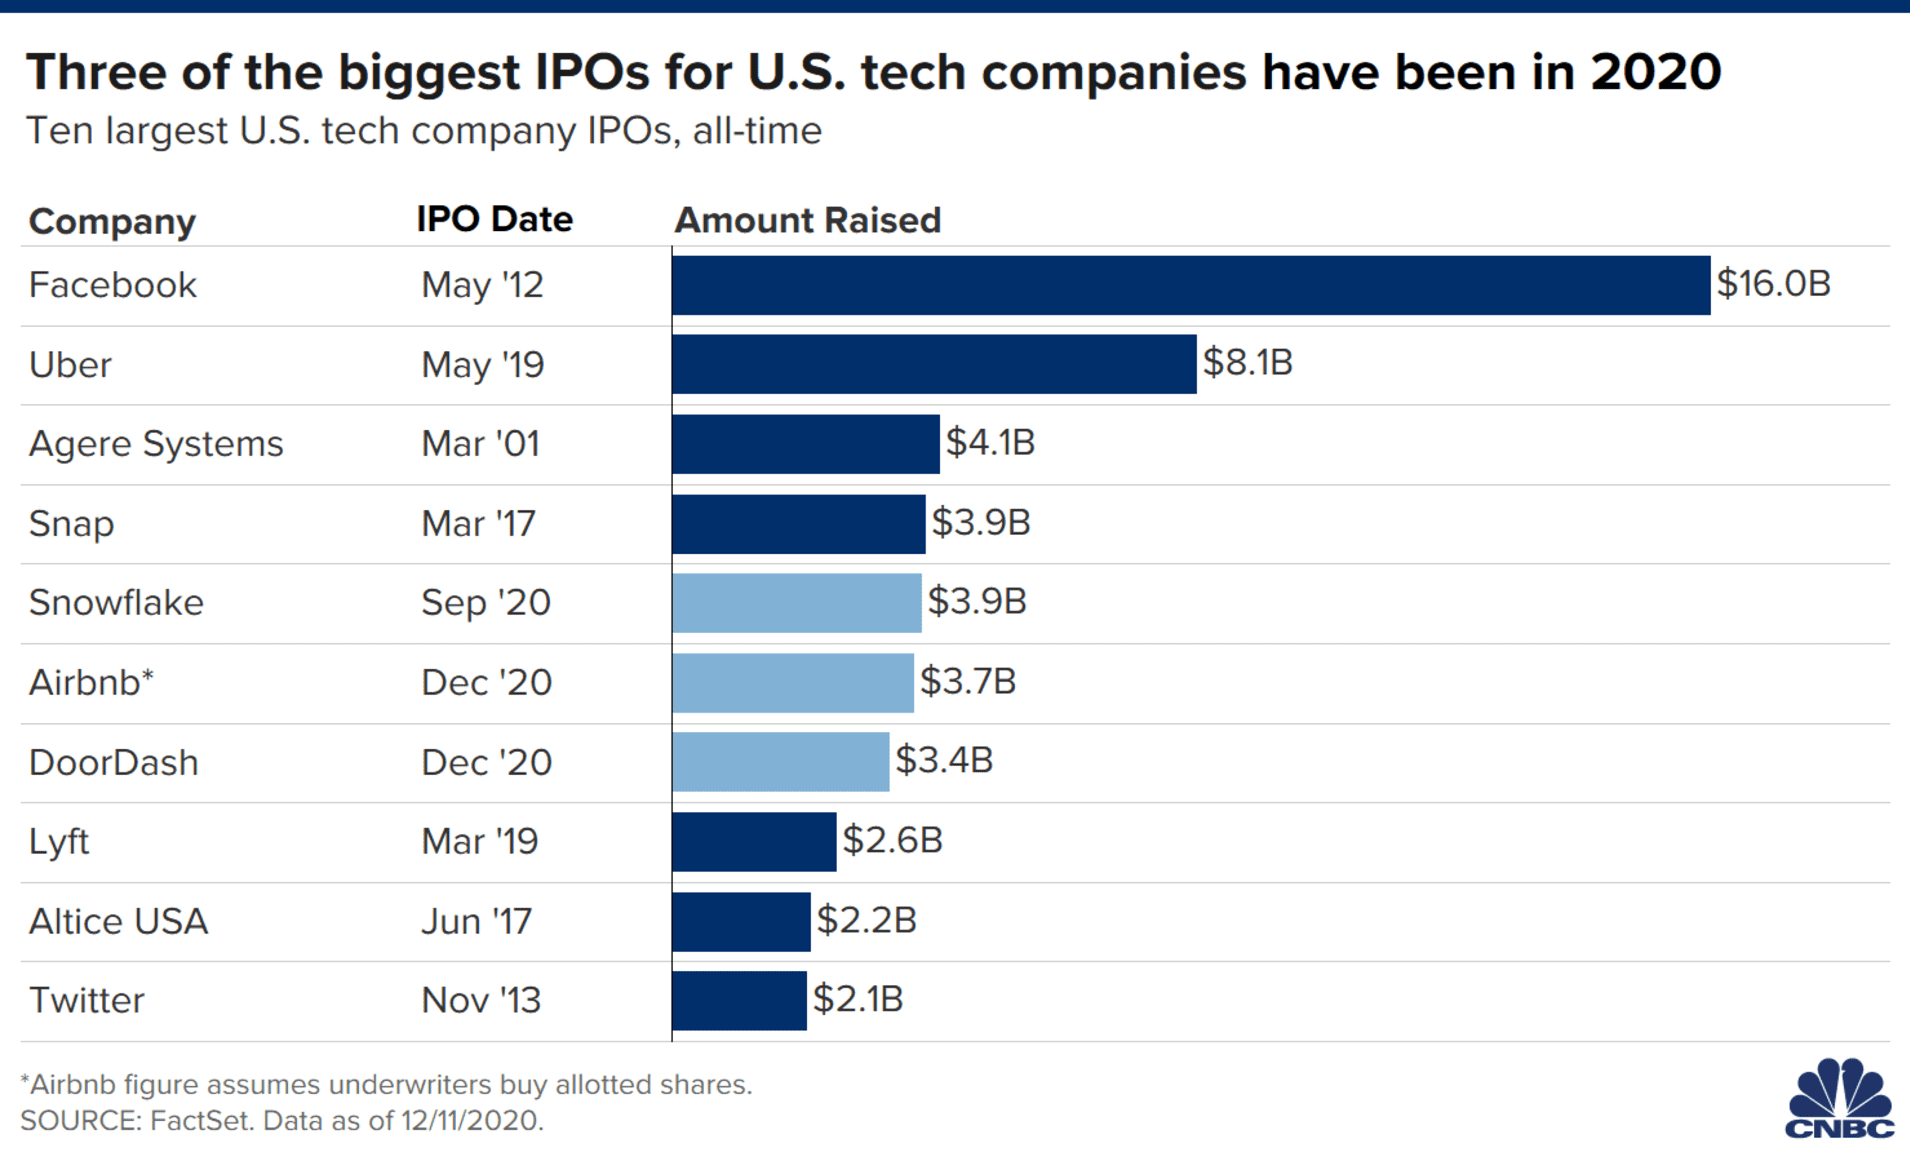 أكبر اكتتابات التكنولوجيا في البورصة الأميركية